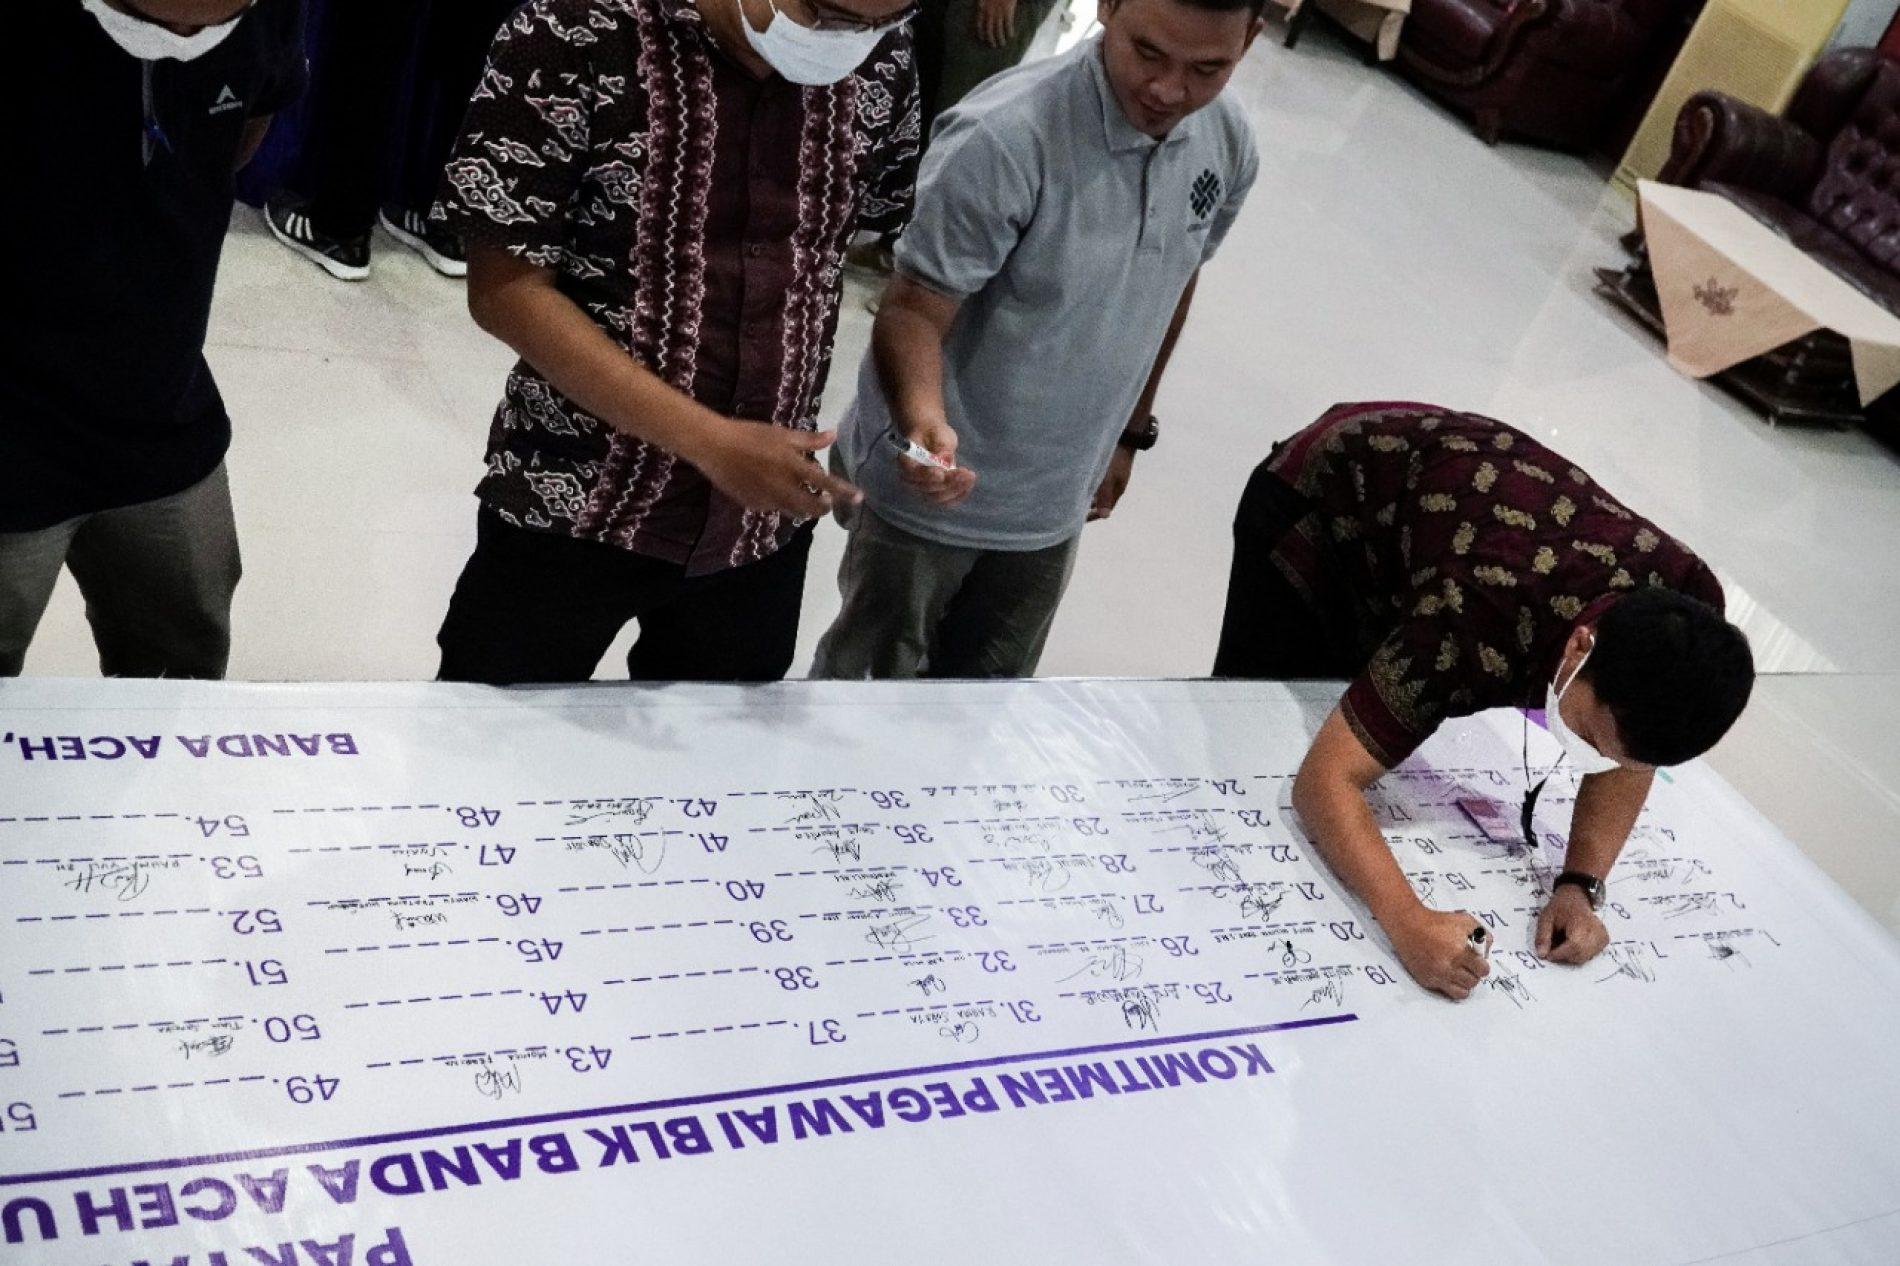 Blk Banda Aceh Siap Membangun Zona Integrasi Blk Banda Aceh